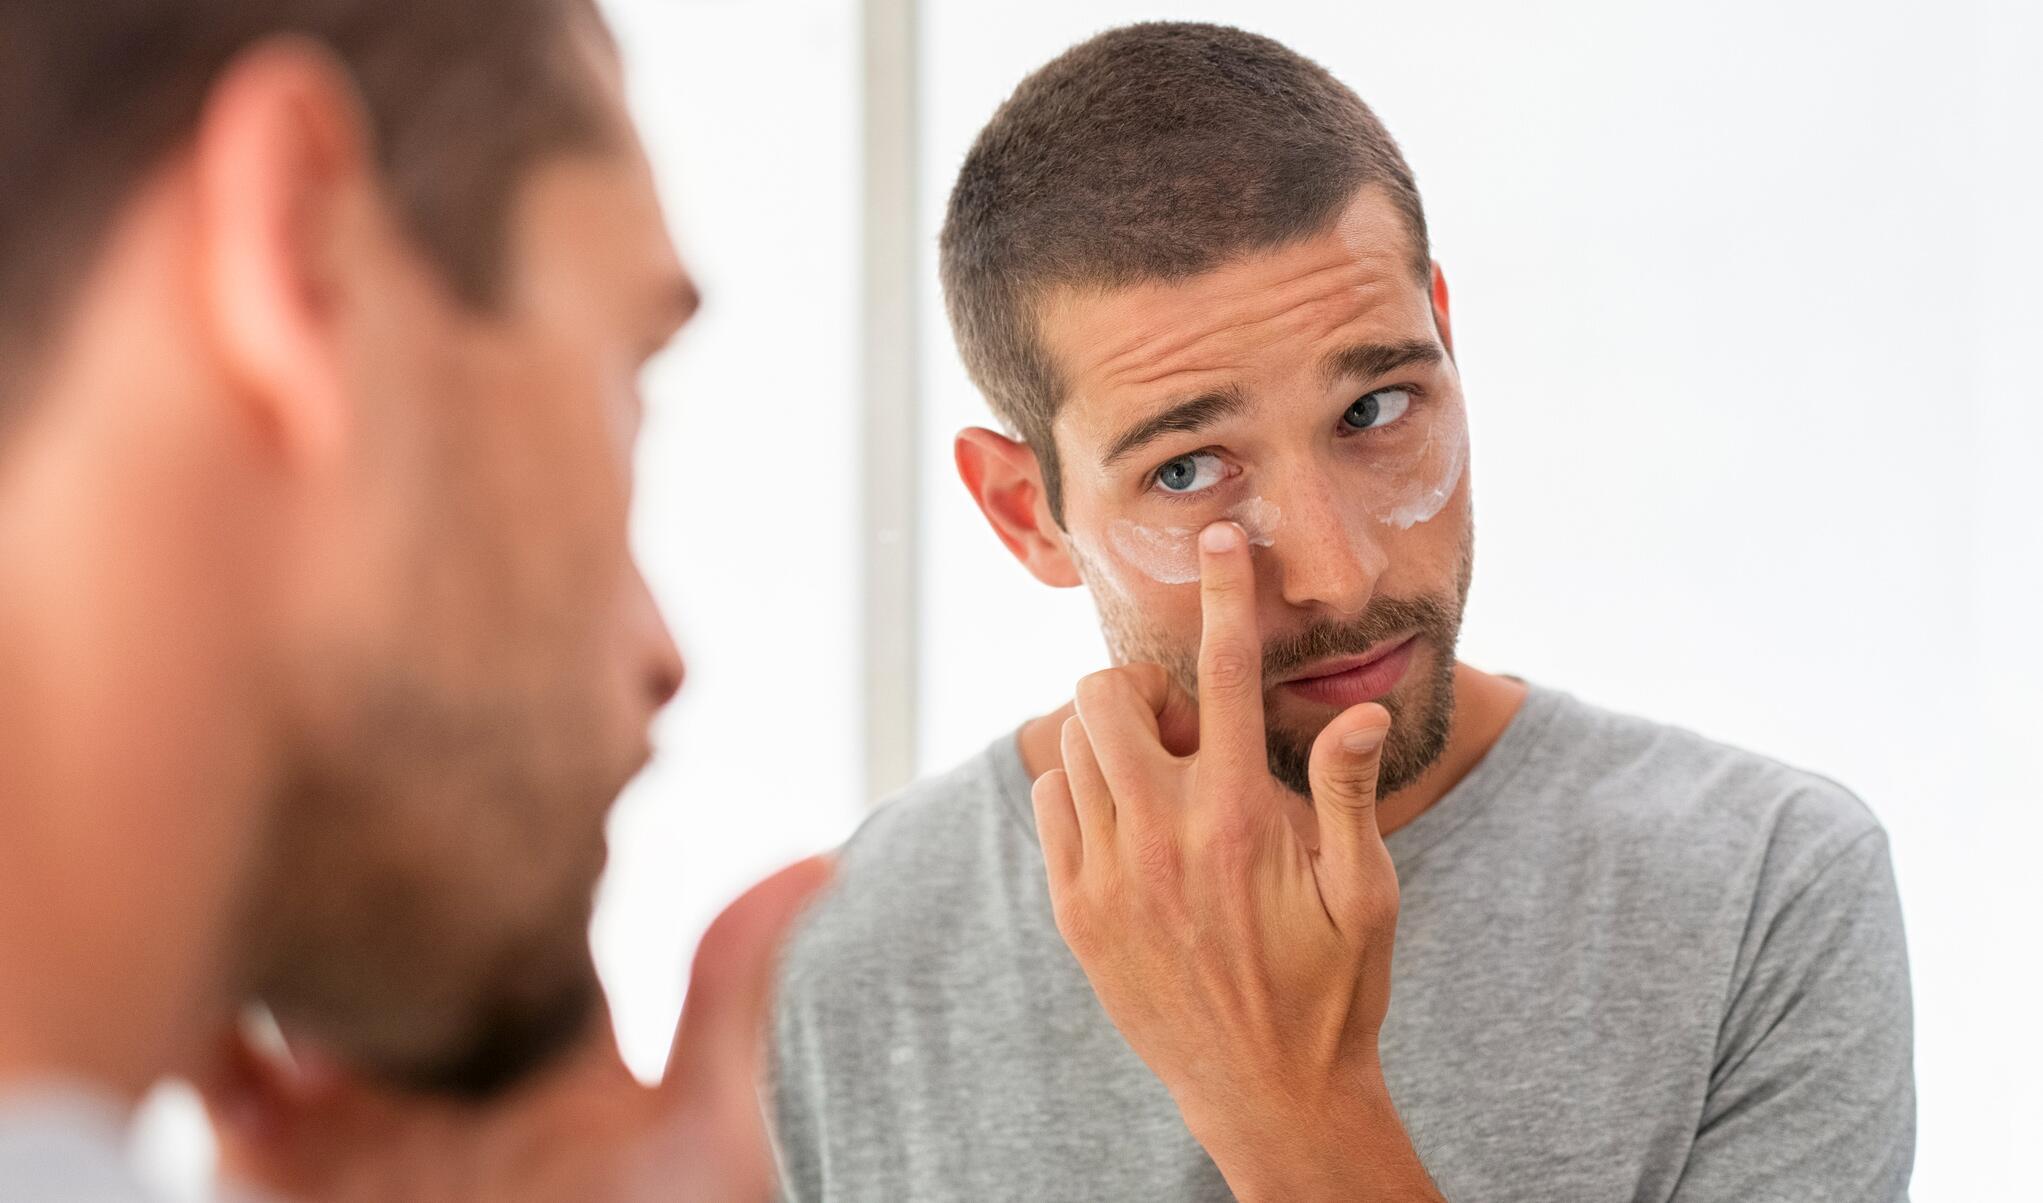 Bild zu männer, pflegeprodukte, bartpflege, anti falten creme, aftershave, shampoo